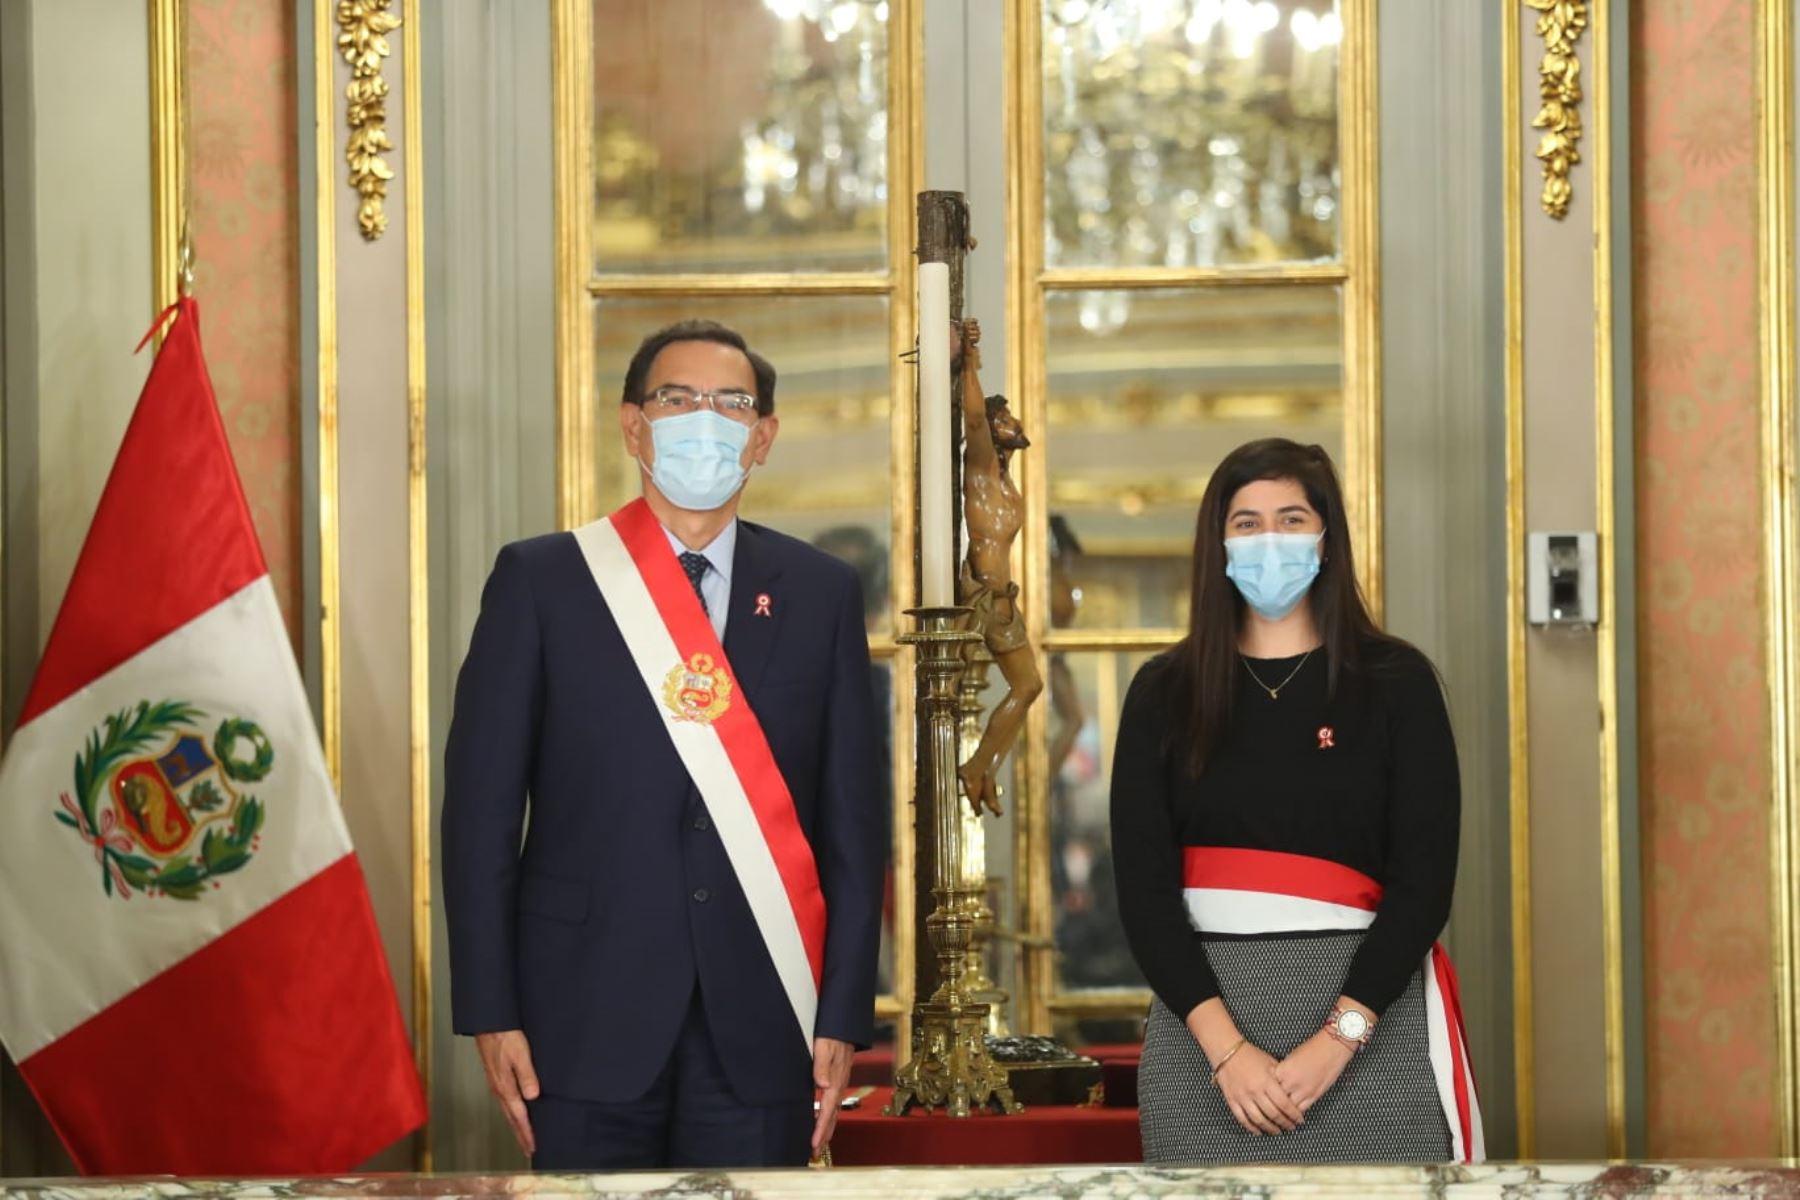 El presidente Martín Vizcarra toma juramento a María Antonieta Alva como ministra de Economía y Finanzas. Foto: ANDINA/ Prensa Presidencia